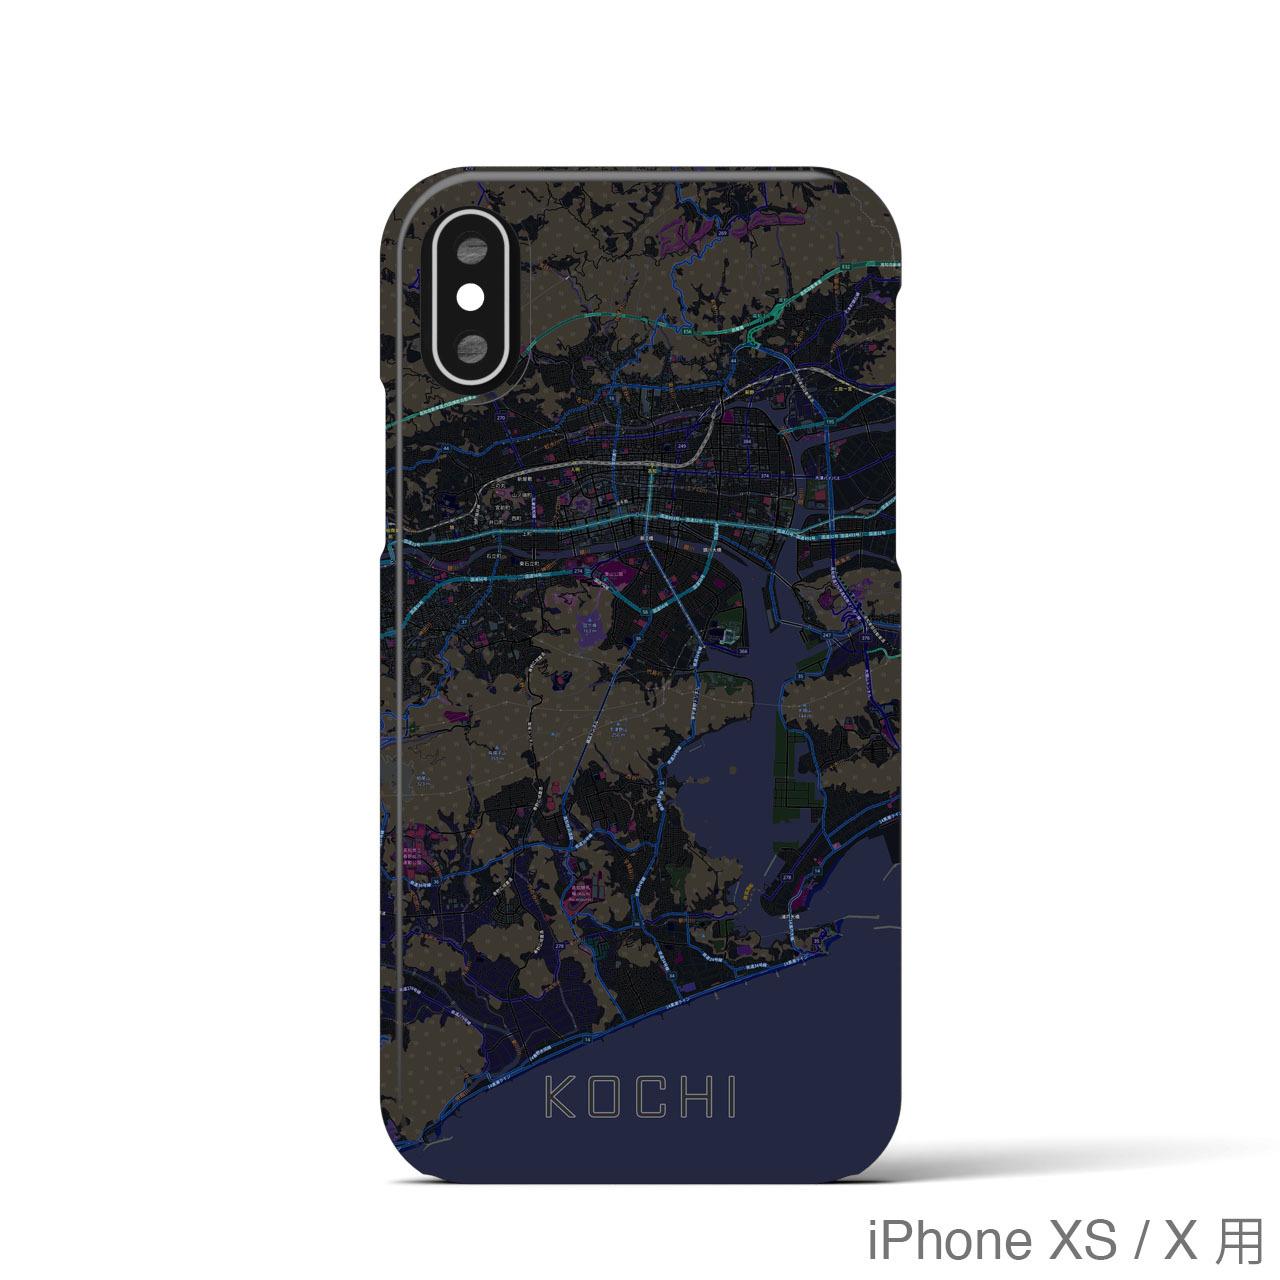 【高知】地図柄iPhoneケース(バックカバータイプ・ブラック)